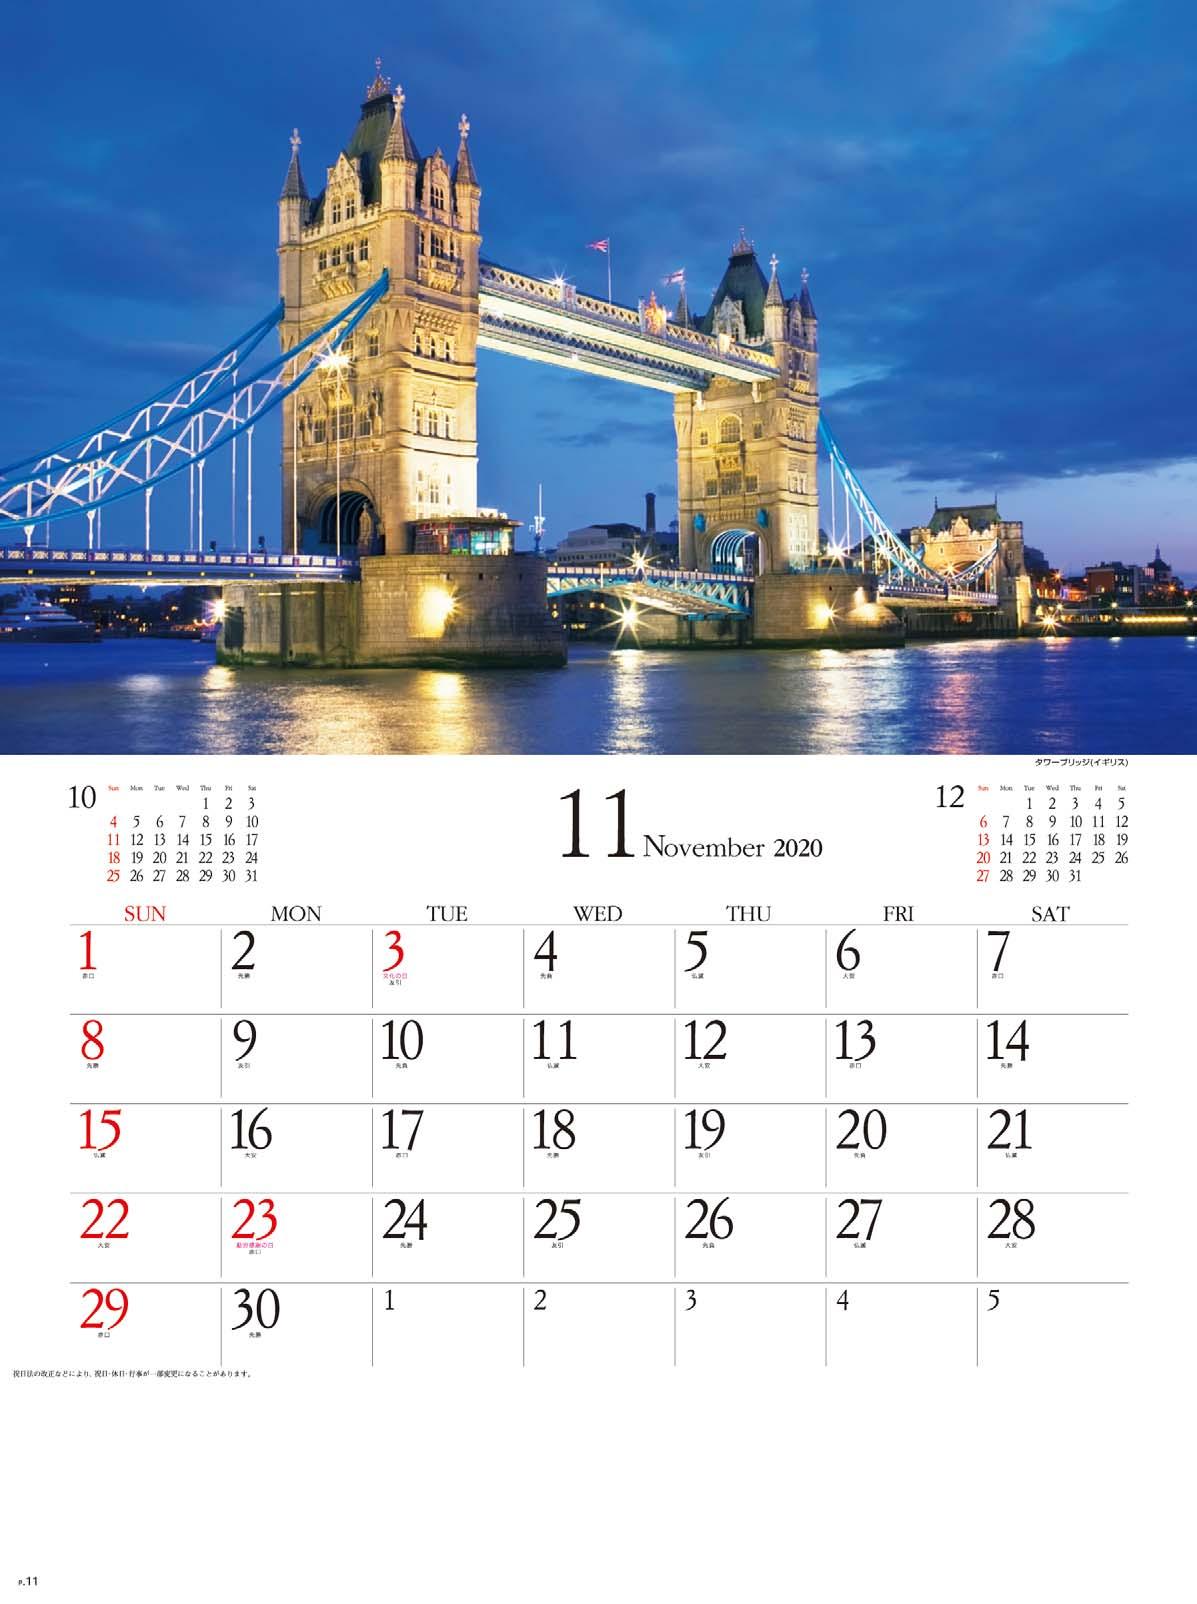 画像:タワーブリッジ(イギリス) エンドレスシティ・世界の夜景 2020年カレンダー